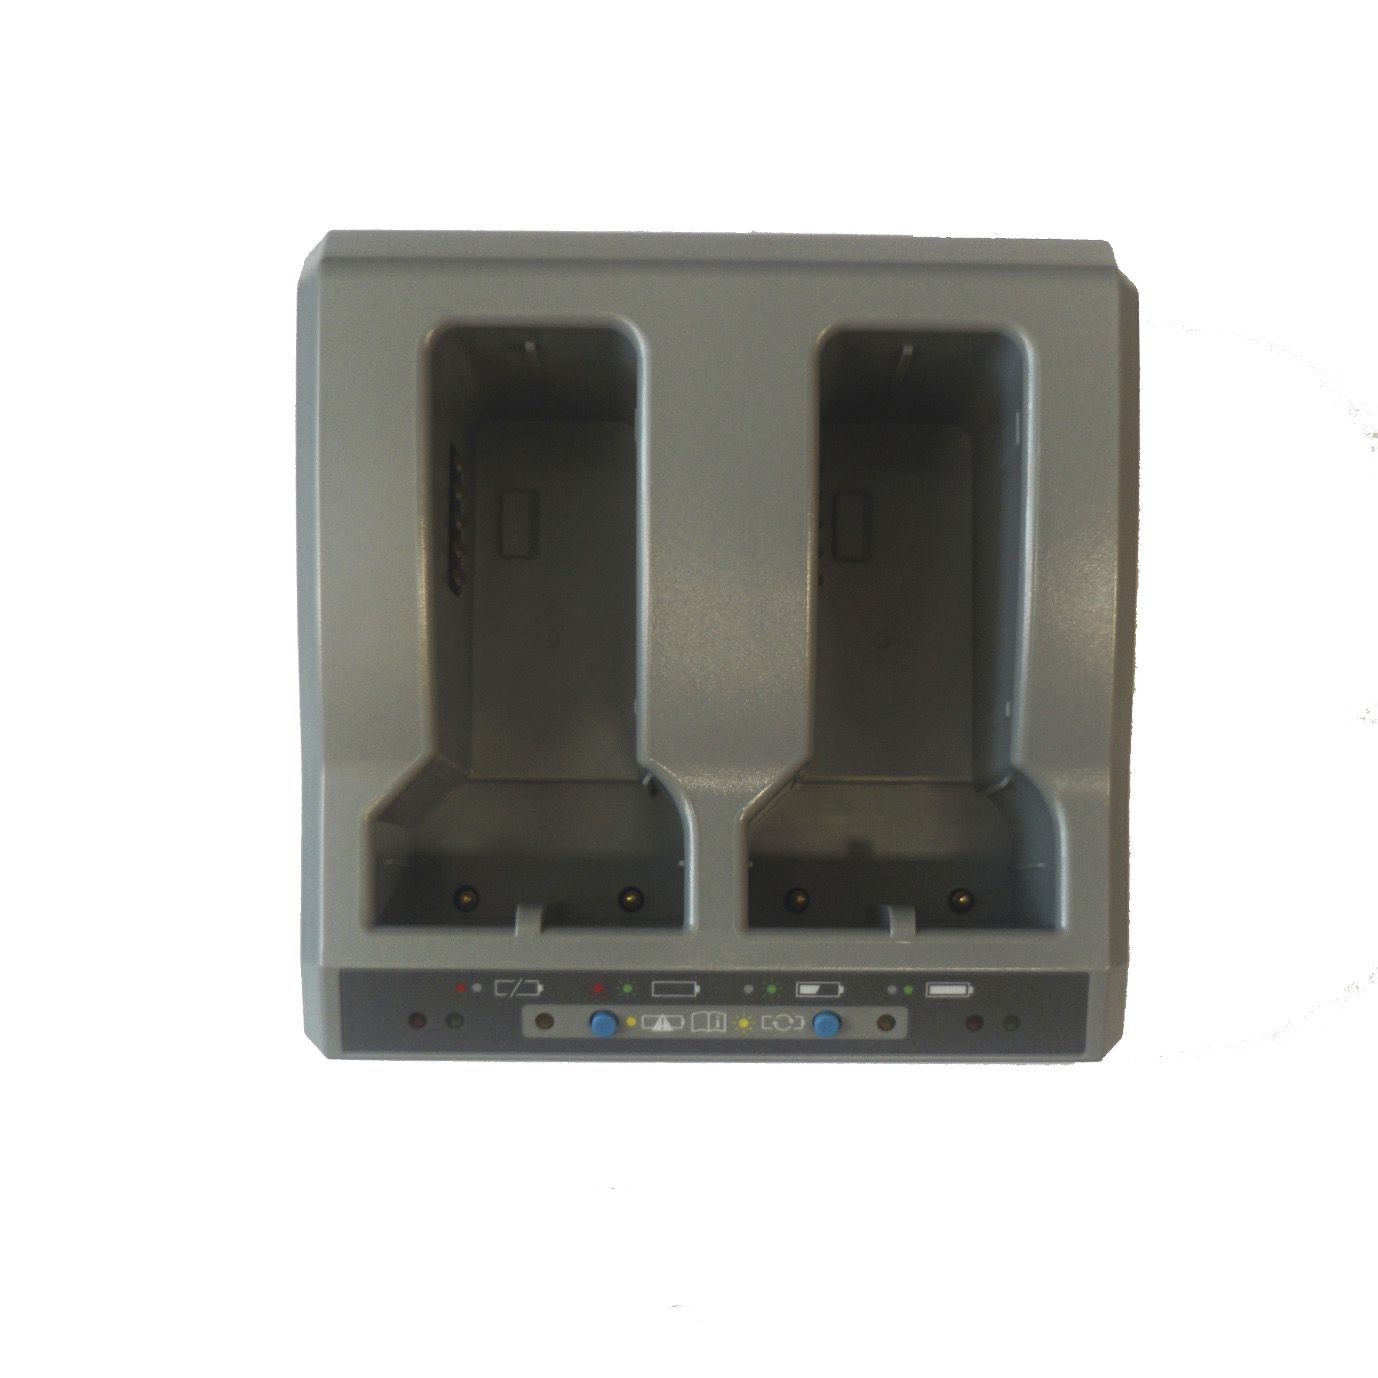 Berço duplo para carregar baterias de receptores GNSS Trimble/Spectra